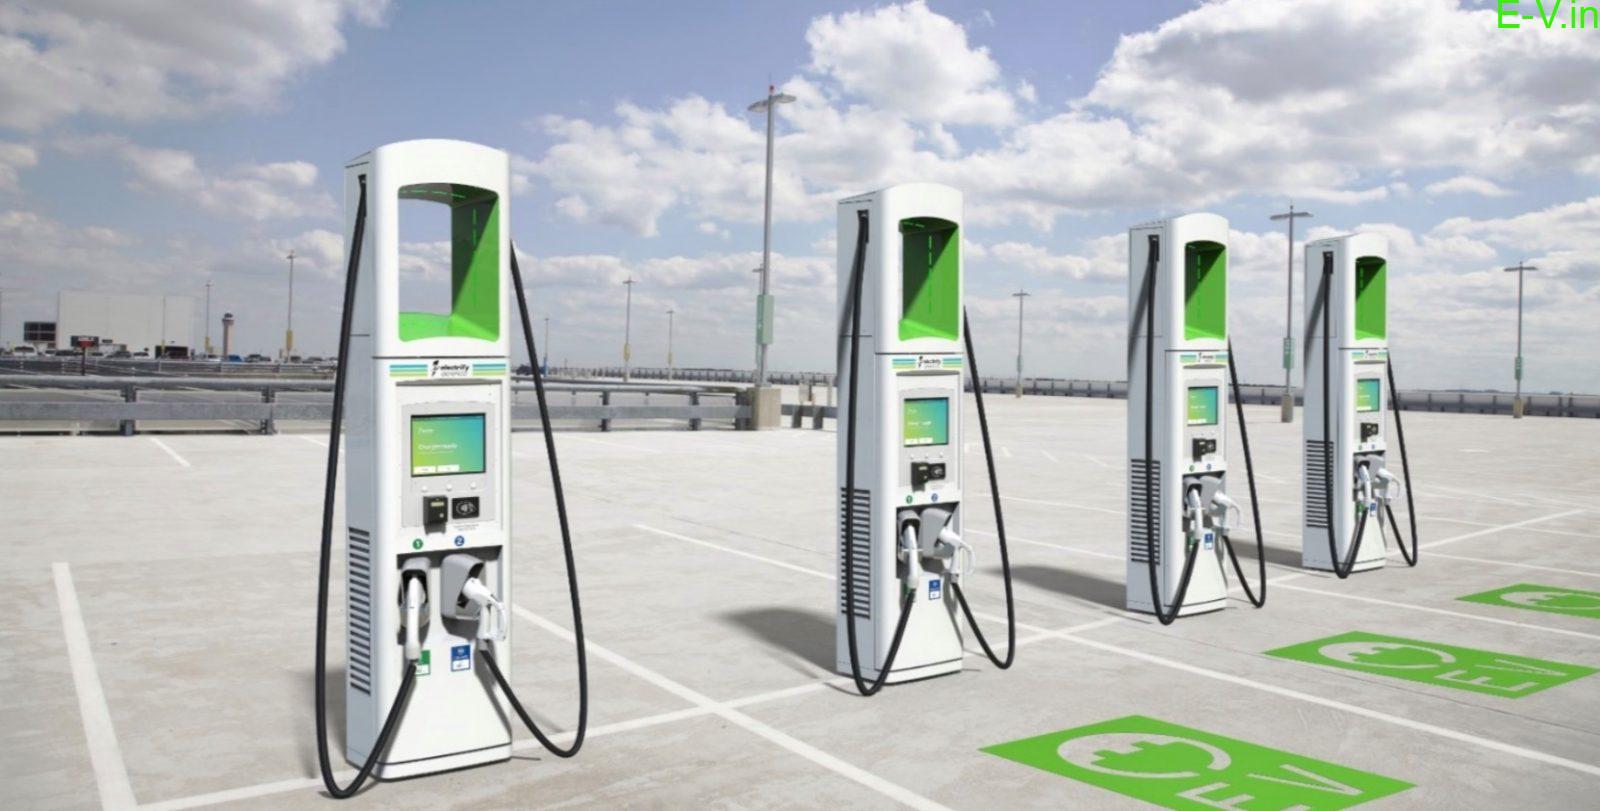 350 EV charging stations installed under FAME Scheme